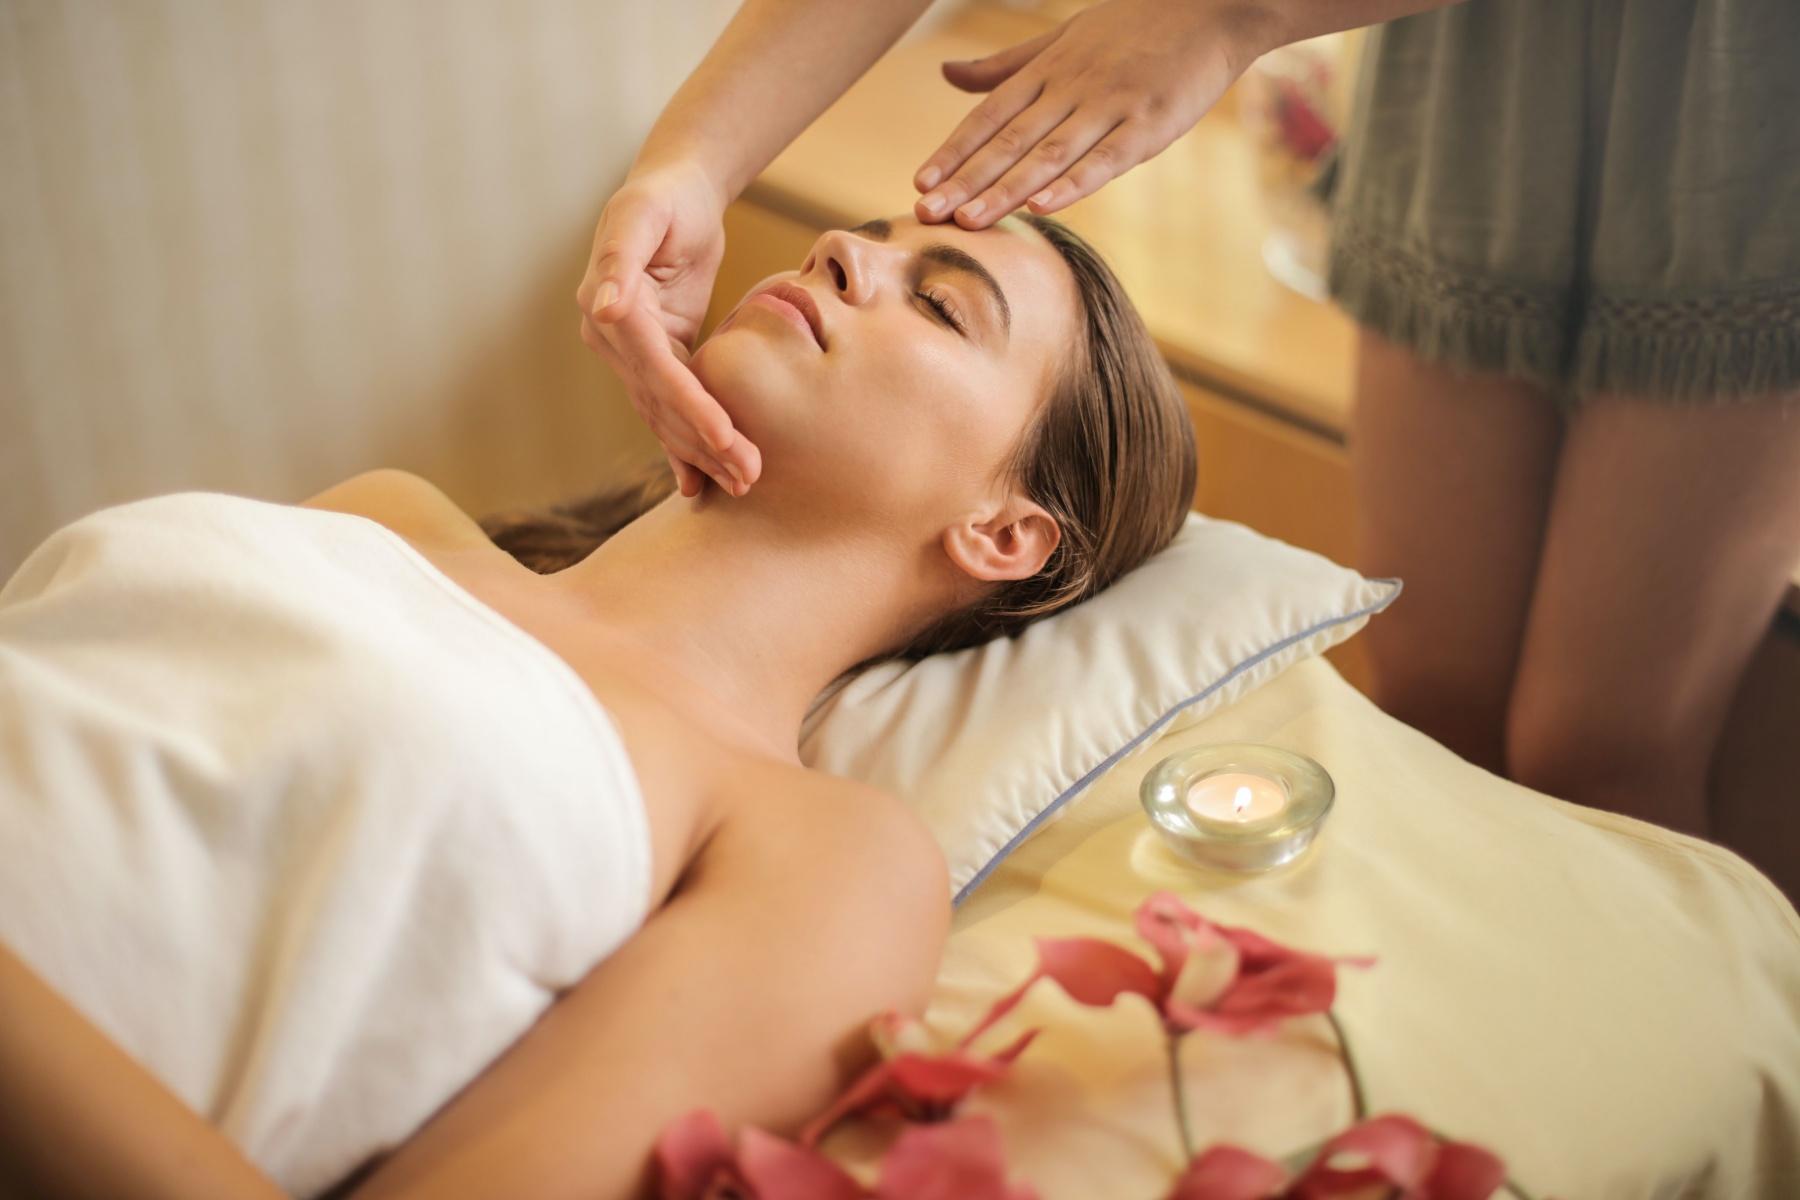 【高雄SPA推薦】在精油的香氣中達到身心靈放鬆,6間高雄SPA芳療會館整理